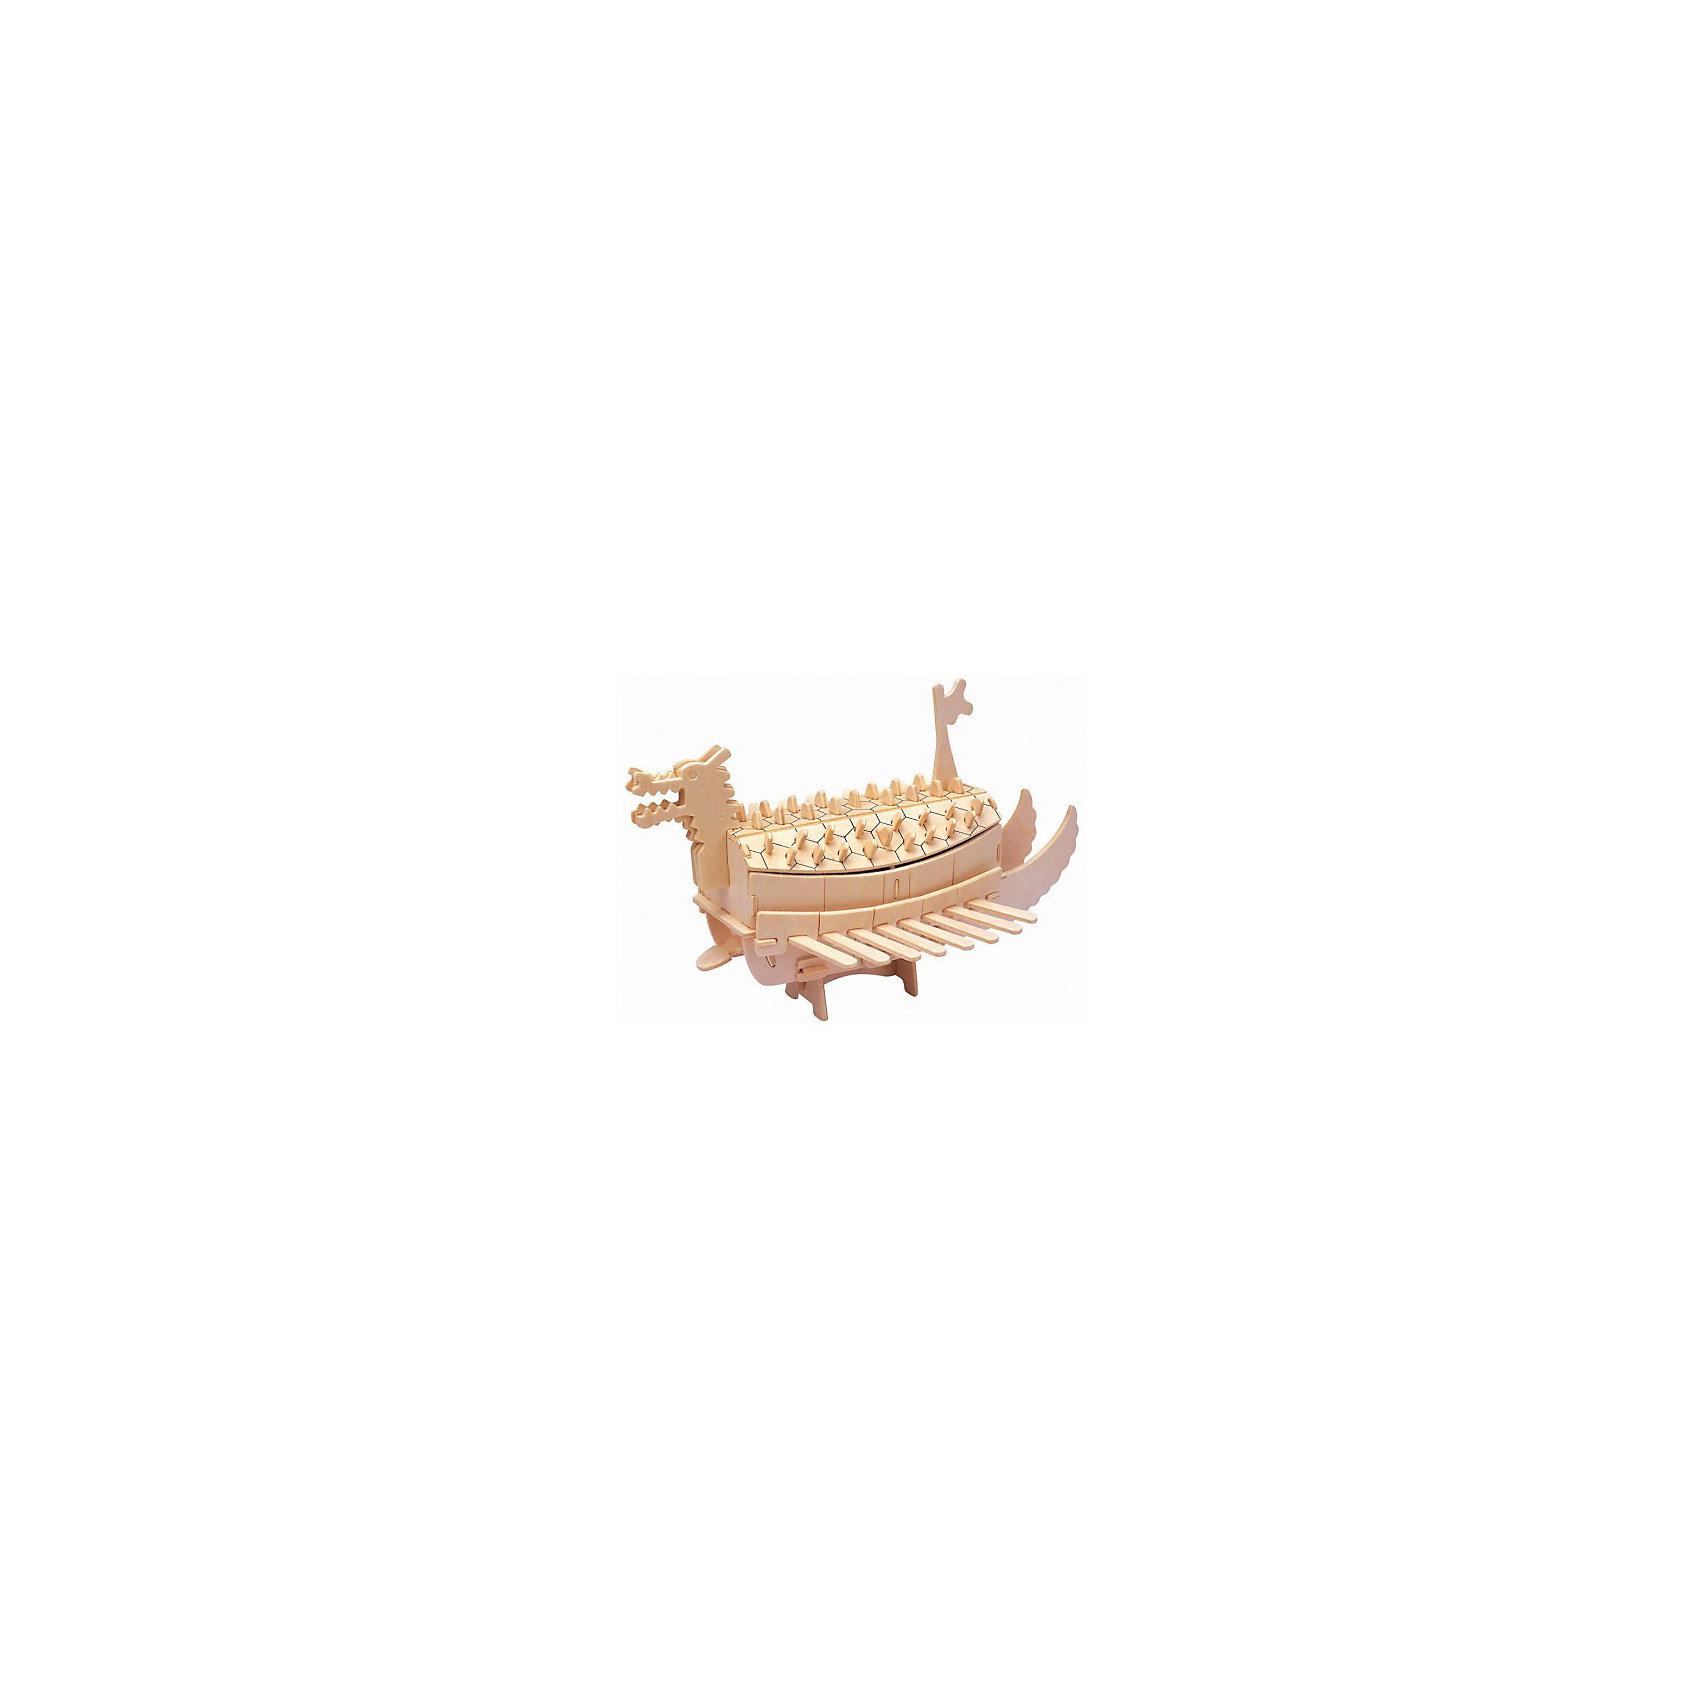 Корабль-черепаха, Мир деревянных игрушекДеревянные конструкторы<br>Отличный вариант подарка для творческого ребенка - этот набор, из которого можно самому сделать красивую деревянную фигуру! Для этого нужно выдавить из пластины с деталями элементы для сборки и соединить их. Из наборов получаются красивые очень реалистичные игрушки, которые могут стать украшением комнаты.<br>Собирая их, ребенок будет развивать пространственное мышление, память и мелкую моторику. А раскрашивая готовое произведение, дети научатся подбирать цвета и будут развивать художественные навыки. Этот набор произведен из качественных и безопасных для детей материалов - дерево тщательно обработано.<br><br>Дополнительная информация:<br><br>материал: дерево;<br>цвет: бежевый;<br>элементы: пластины с деталями для сборки, схема сборки;<br>размер упаковки: 23 х 18 см.<br><br>3D-пазл Корабль-черепаха от бренда Мир деревянных игрушек можно купить в нашем магазине.<br><br>Ширина мм: 225<br>Глубина мм: 30<br>Высота мм: 180<br>Вес г: 450<br>Возраст от месяцев: 36<br>Возраст до месяцев: 144<br>Пол: Унисекс<br>Возраст: Детский<br>SKU: 4969214